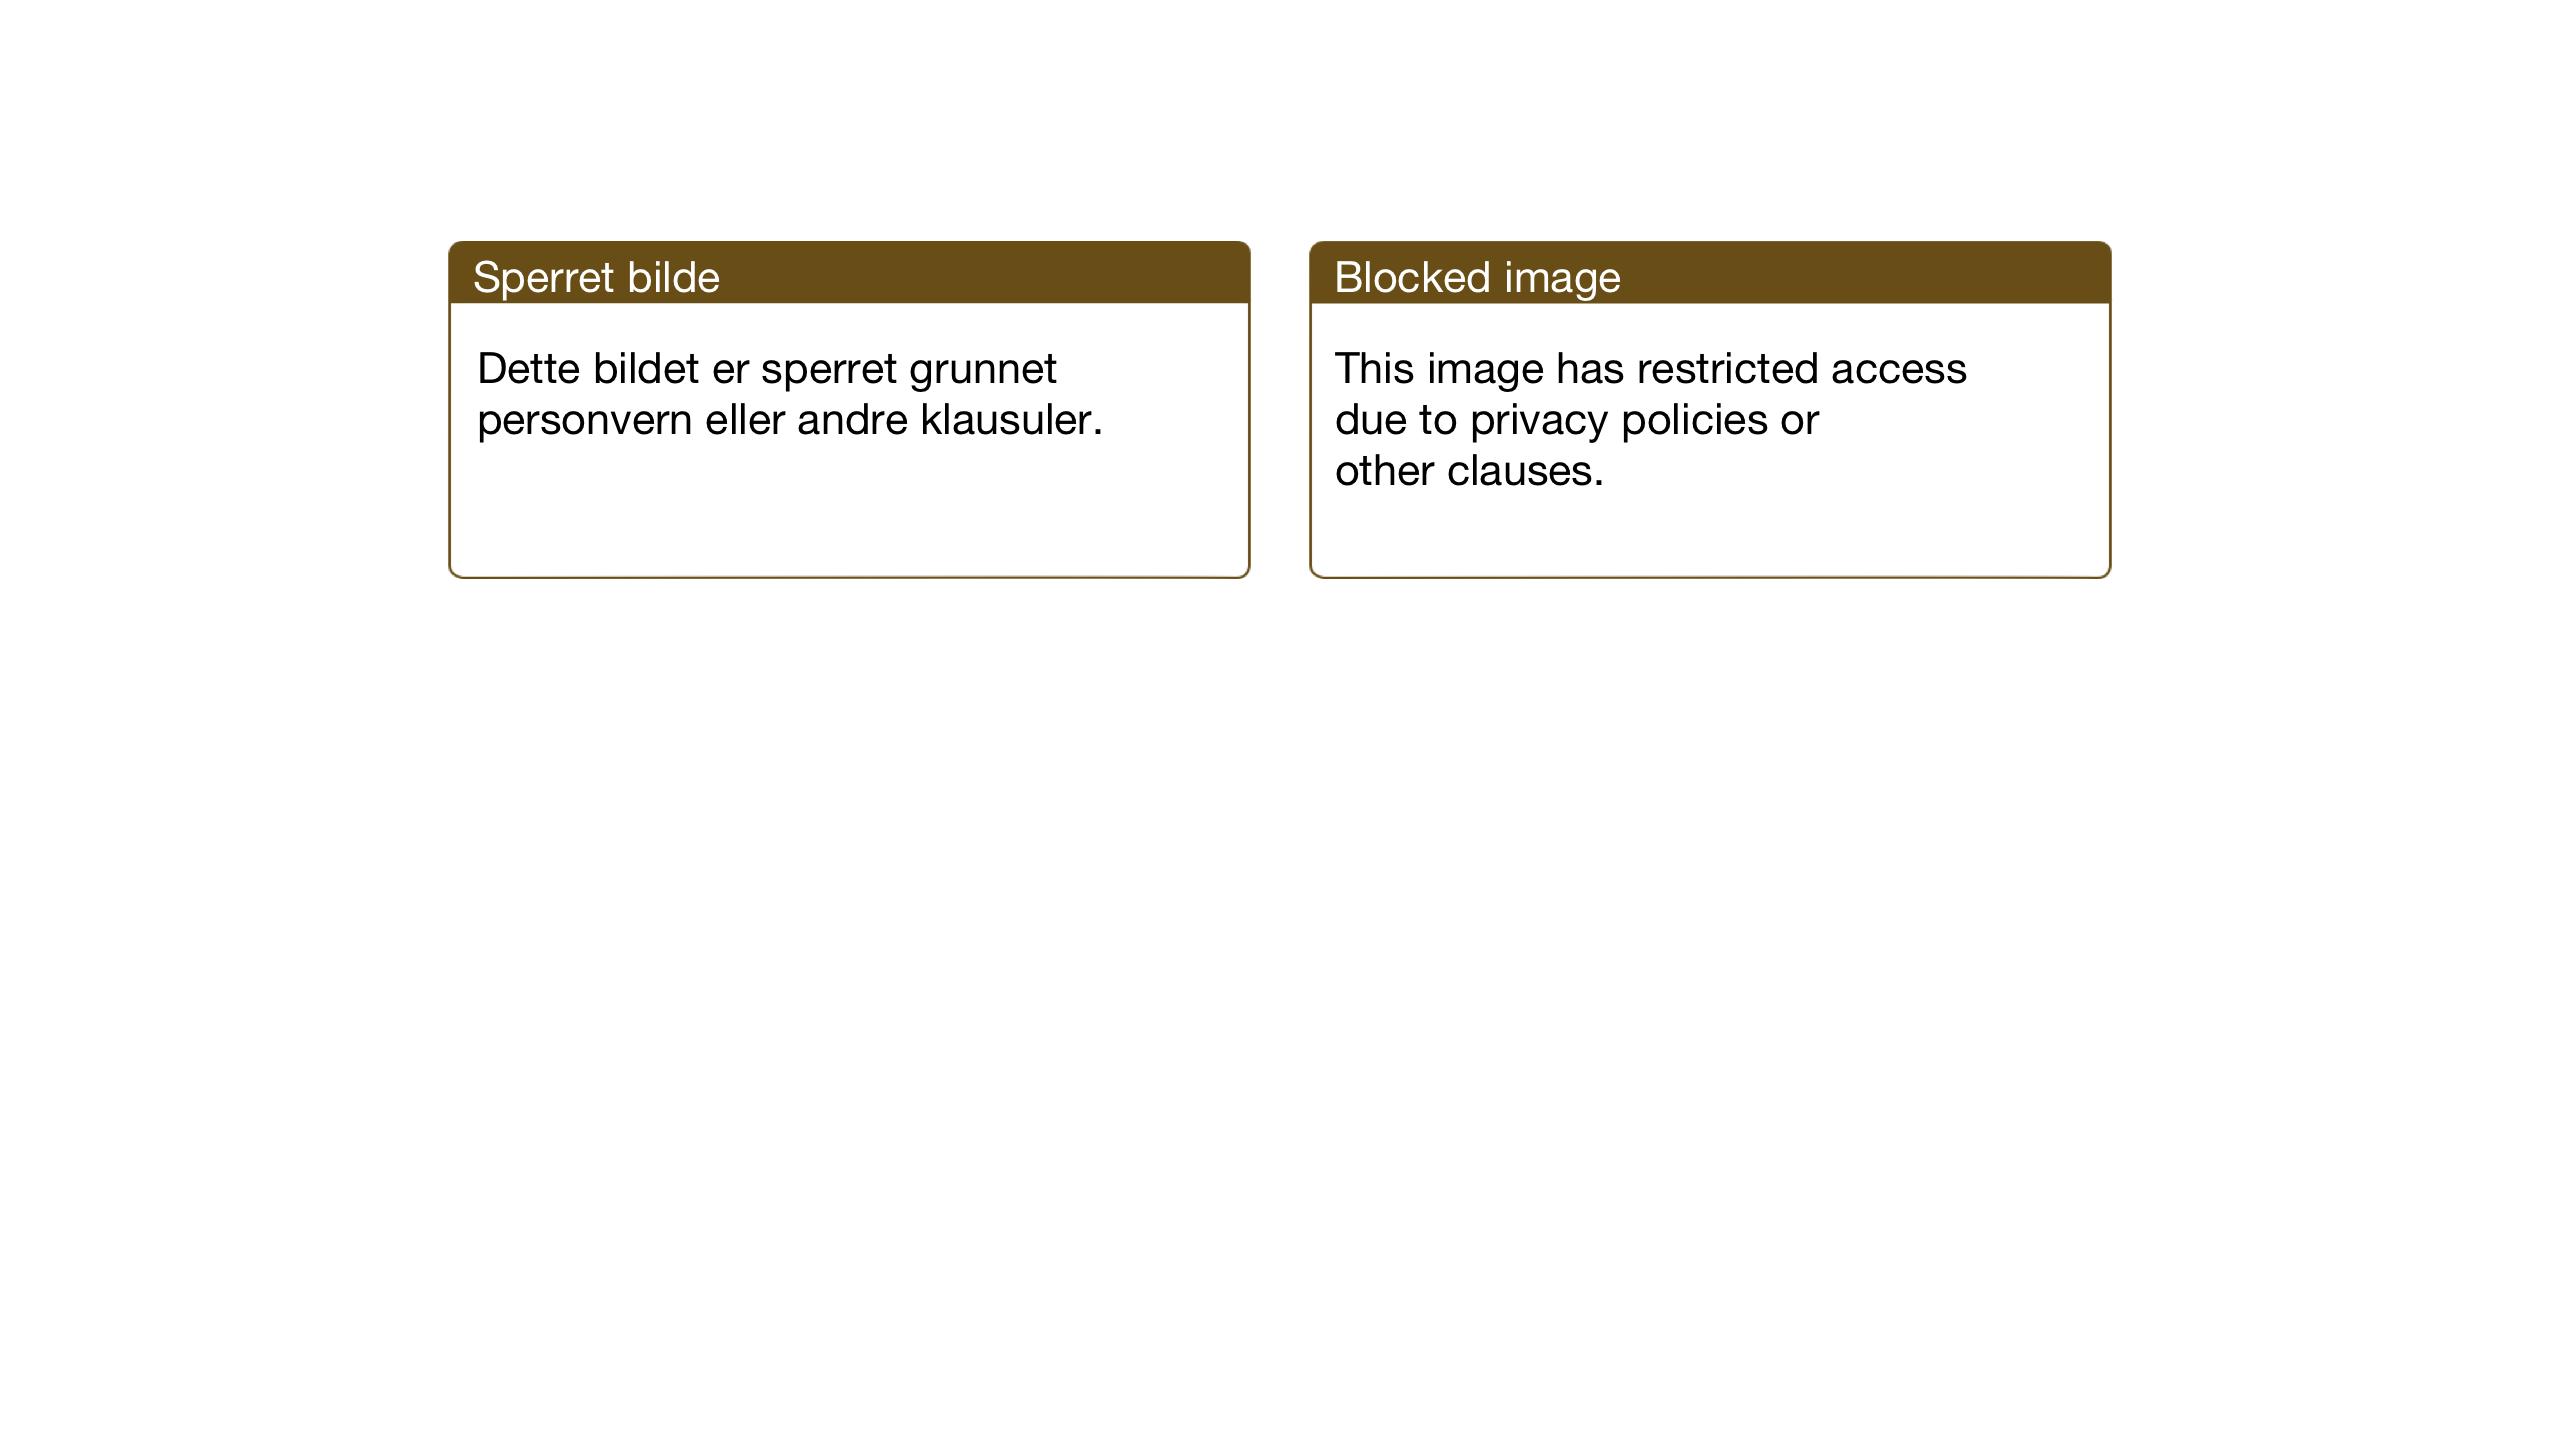 SAT, Ministerialprotokoller, klokkerbøker og fødselsregistre - Nord-Trøndelag, 773/L0625: Klokkerbok nr. 773C01, 1910-1952, s. 247